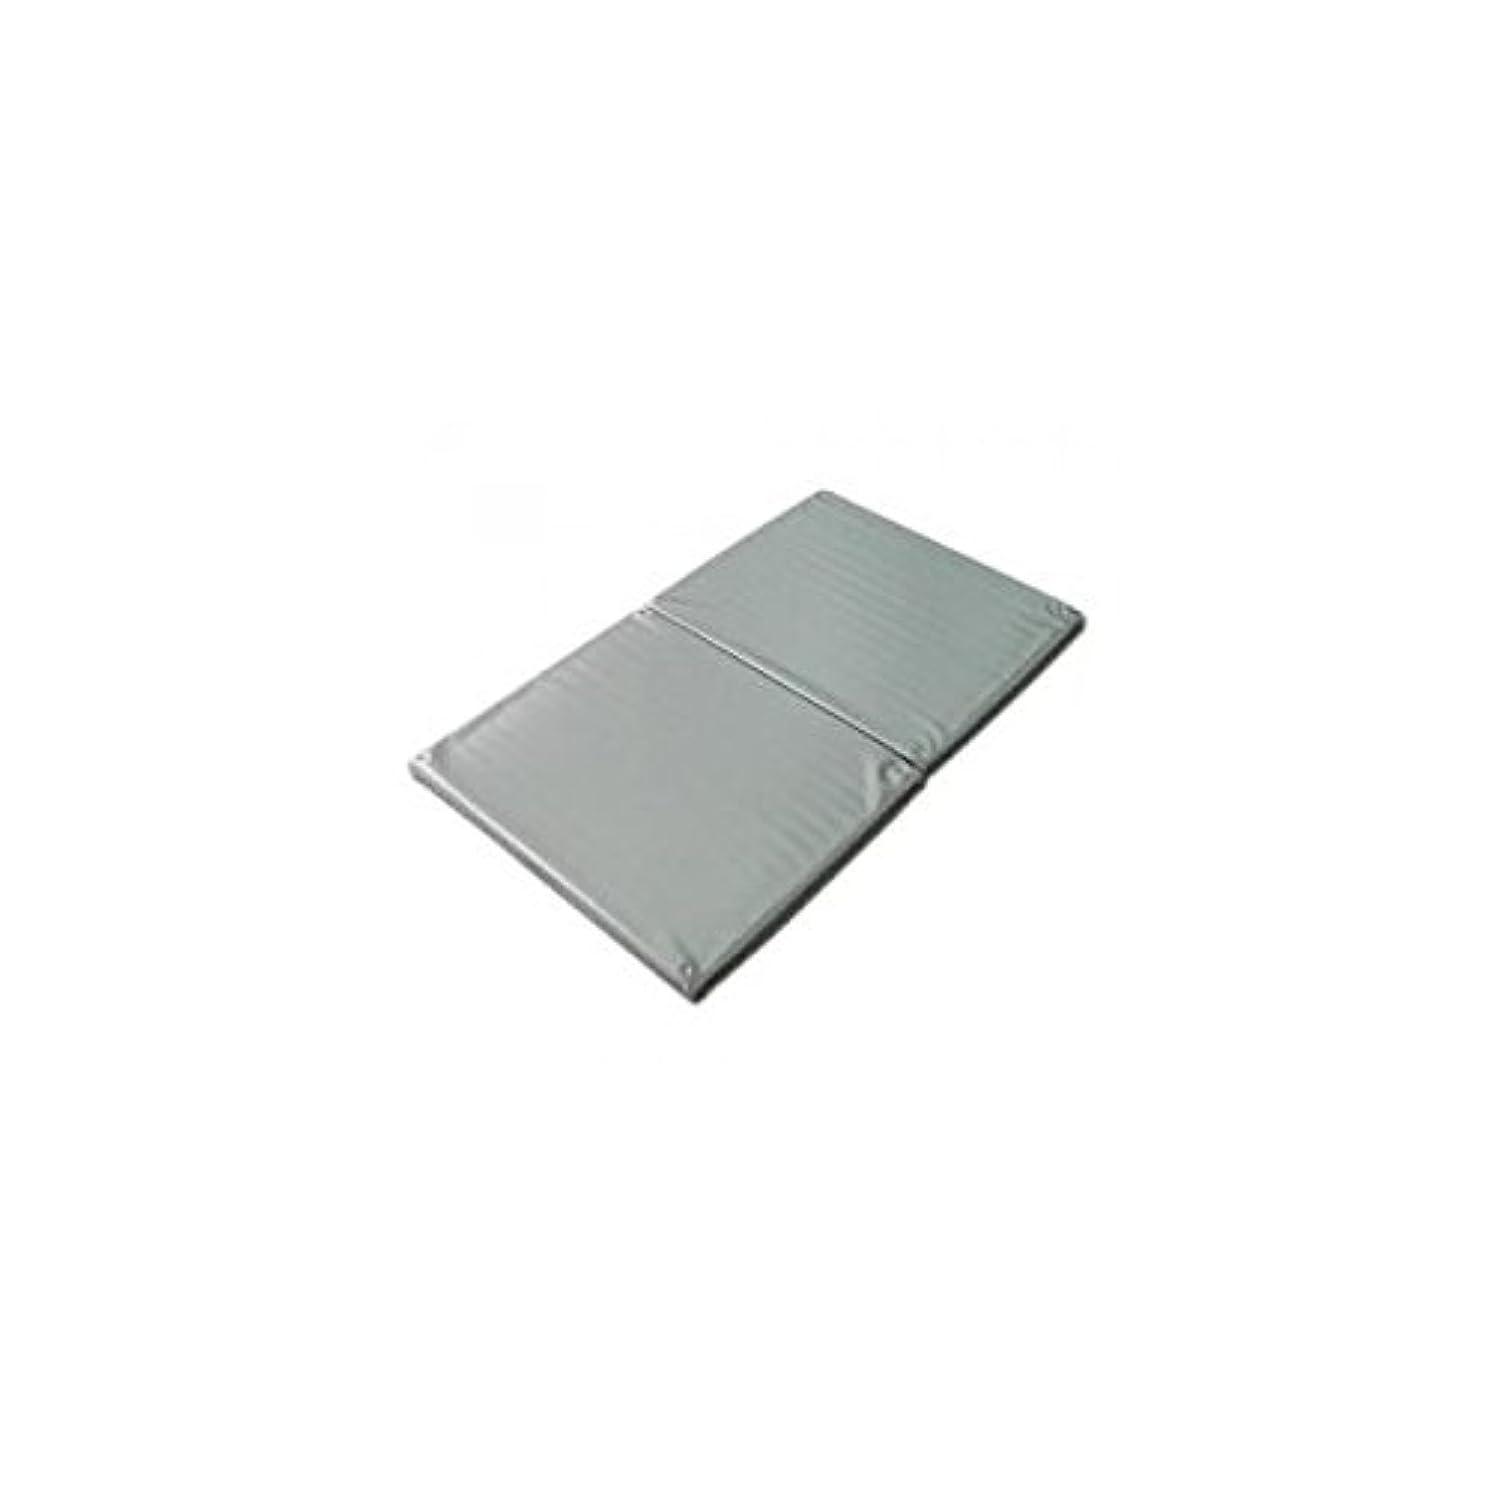 破滅謝るエーカーヨックお風呂のマッサージ用マットP(2ツ折)シルバー 120×70cm│防水マッサージマット ポリエチレン製